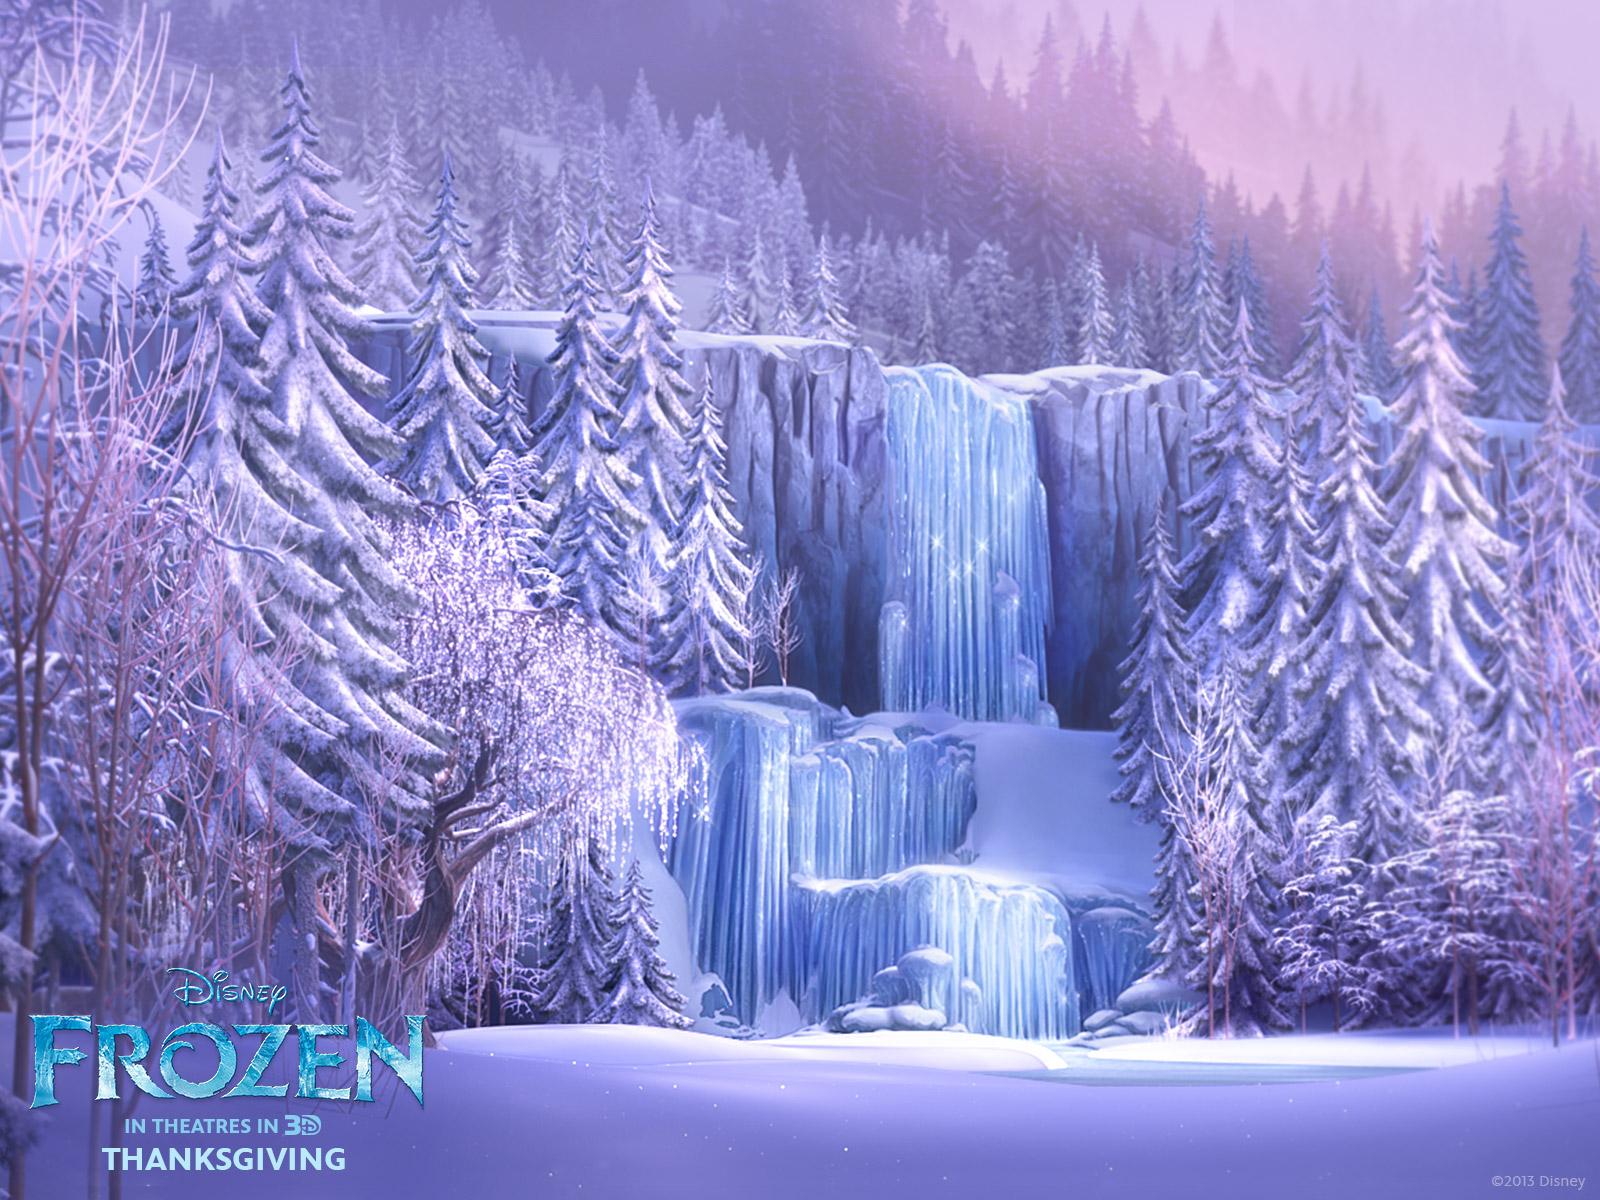 Frozen Wallpapers